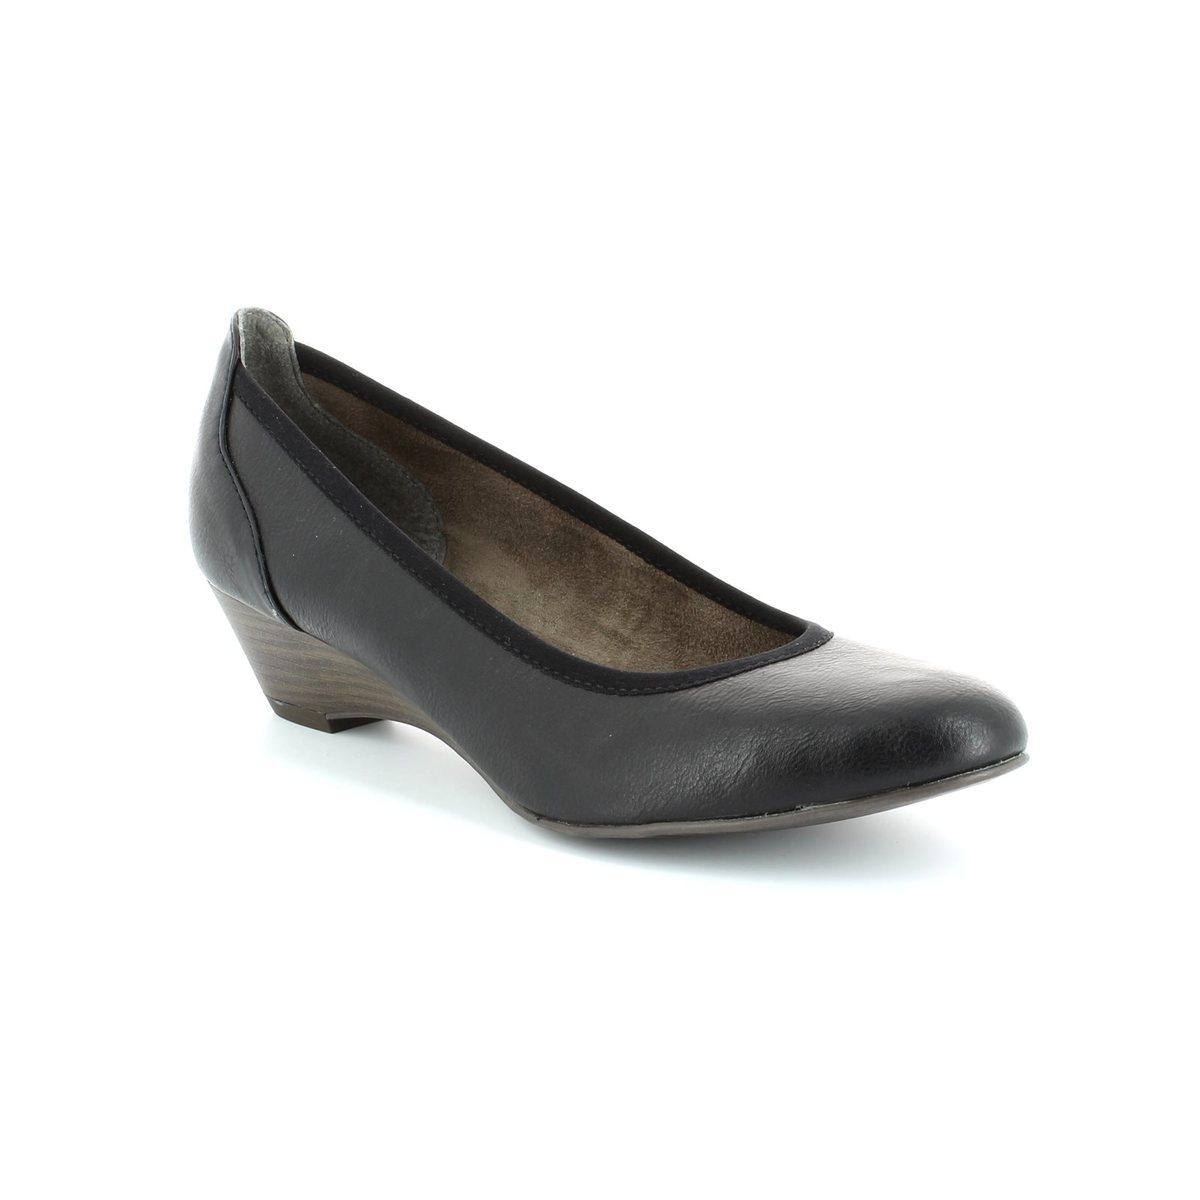 tamaris quiver 22304 001 black heeled shoes. Black Bedroom Furniture Sets. Home Design Ideas